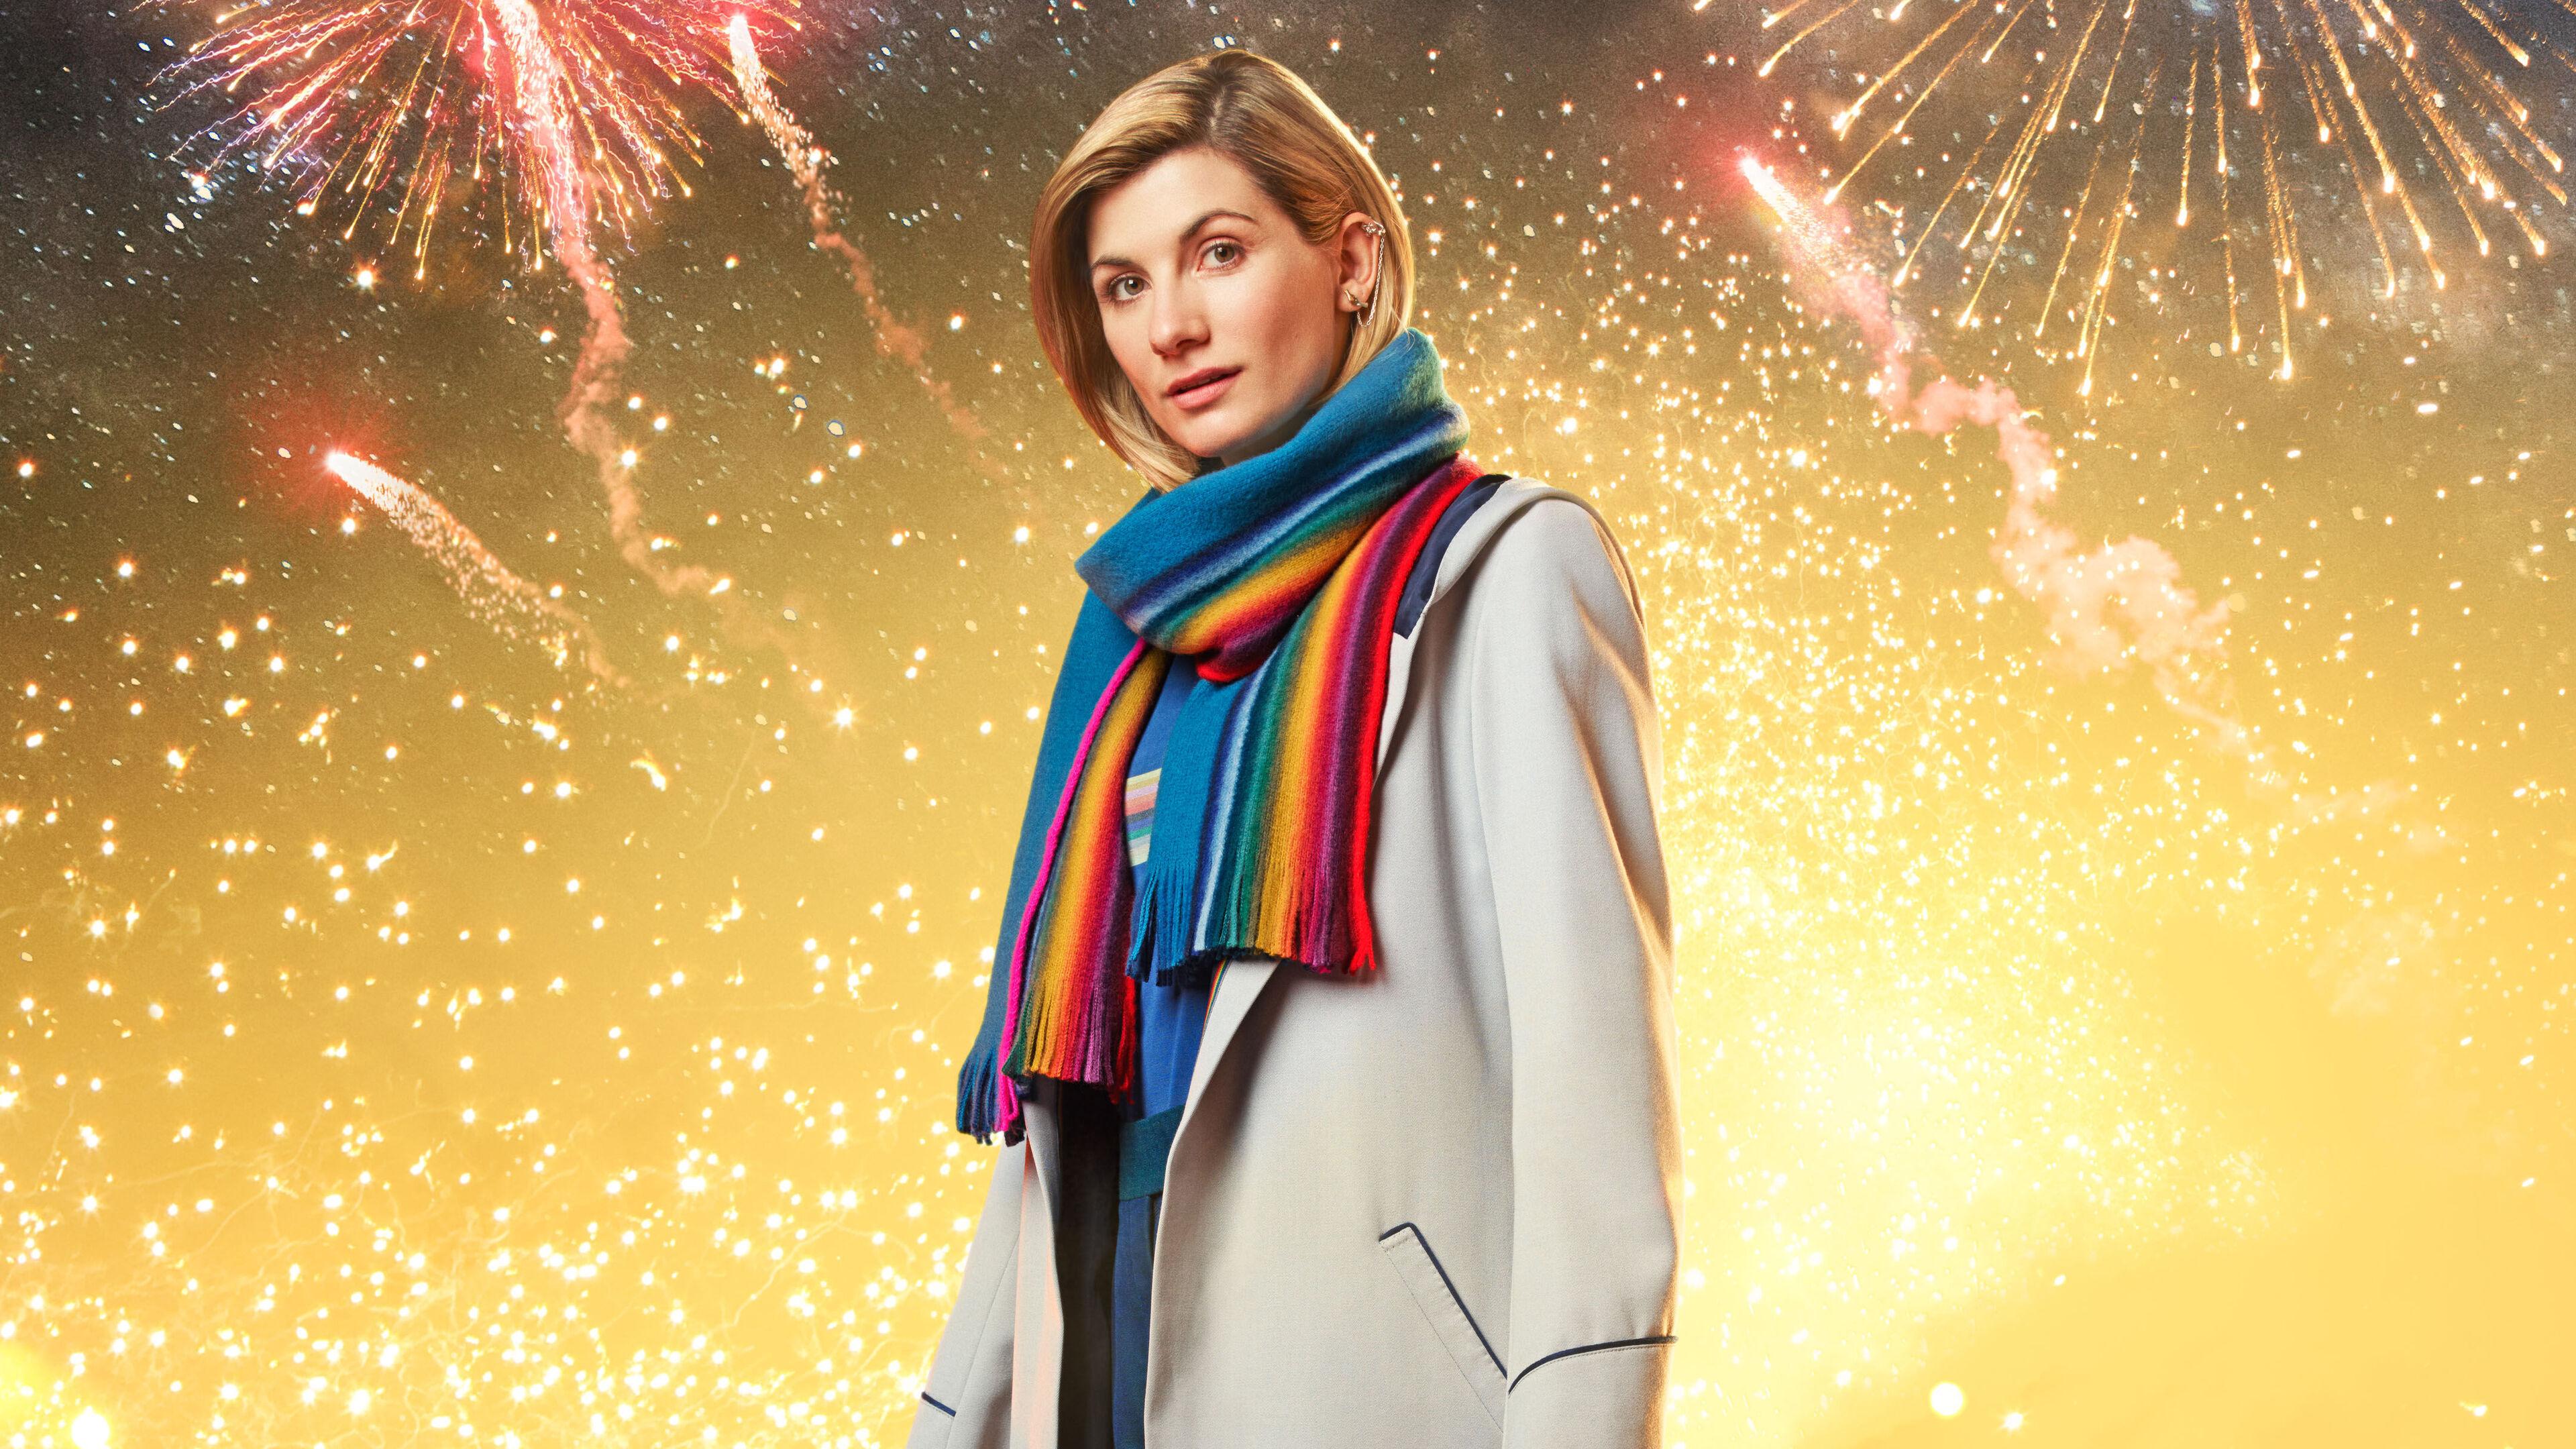 3840x2160 Jodie Whittaker In Doctor Who 4k 4k Hd 4k Wallpapers